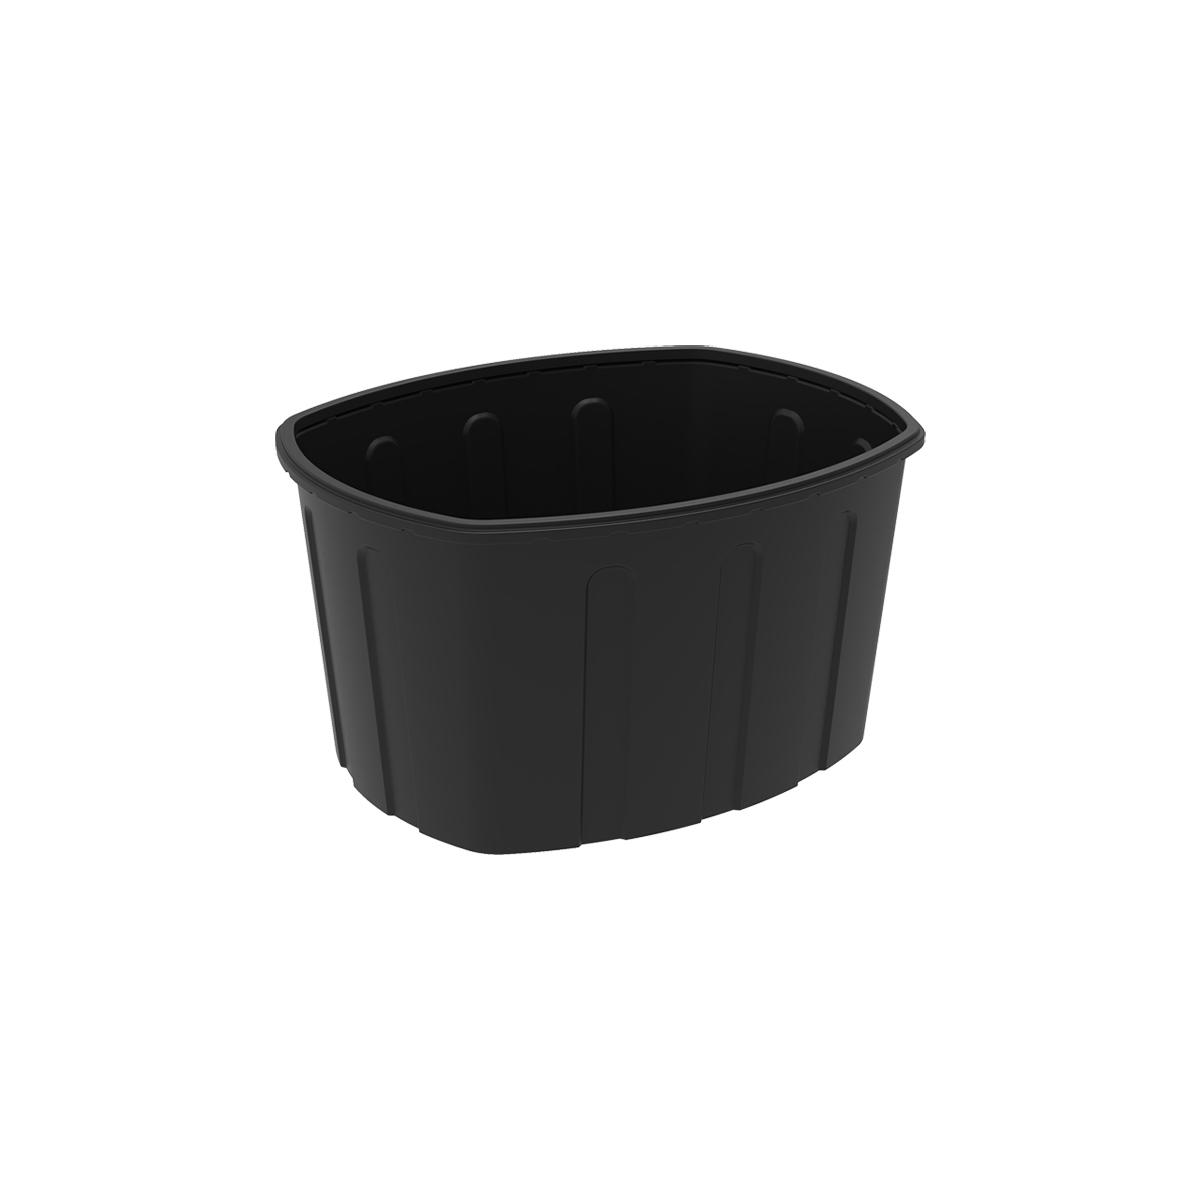 Пластиковая ванна 400 литров черная